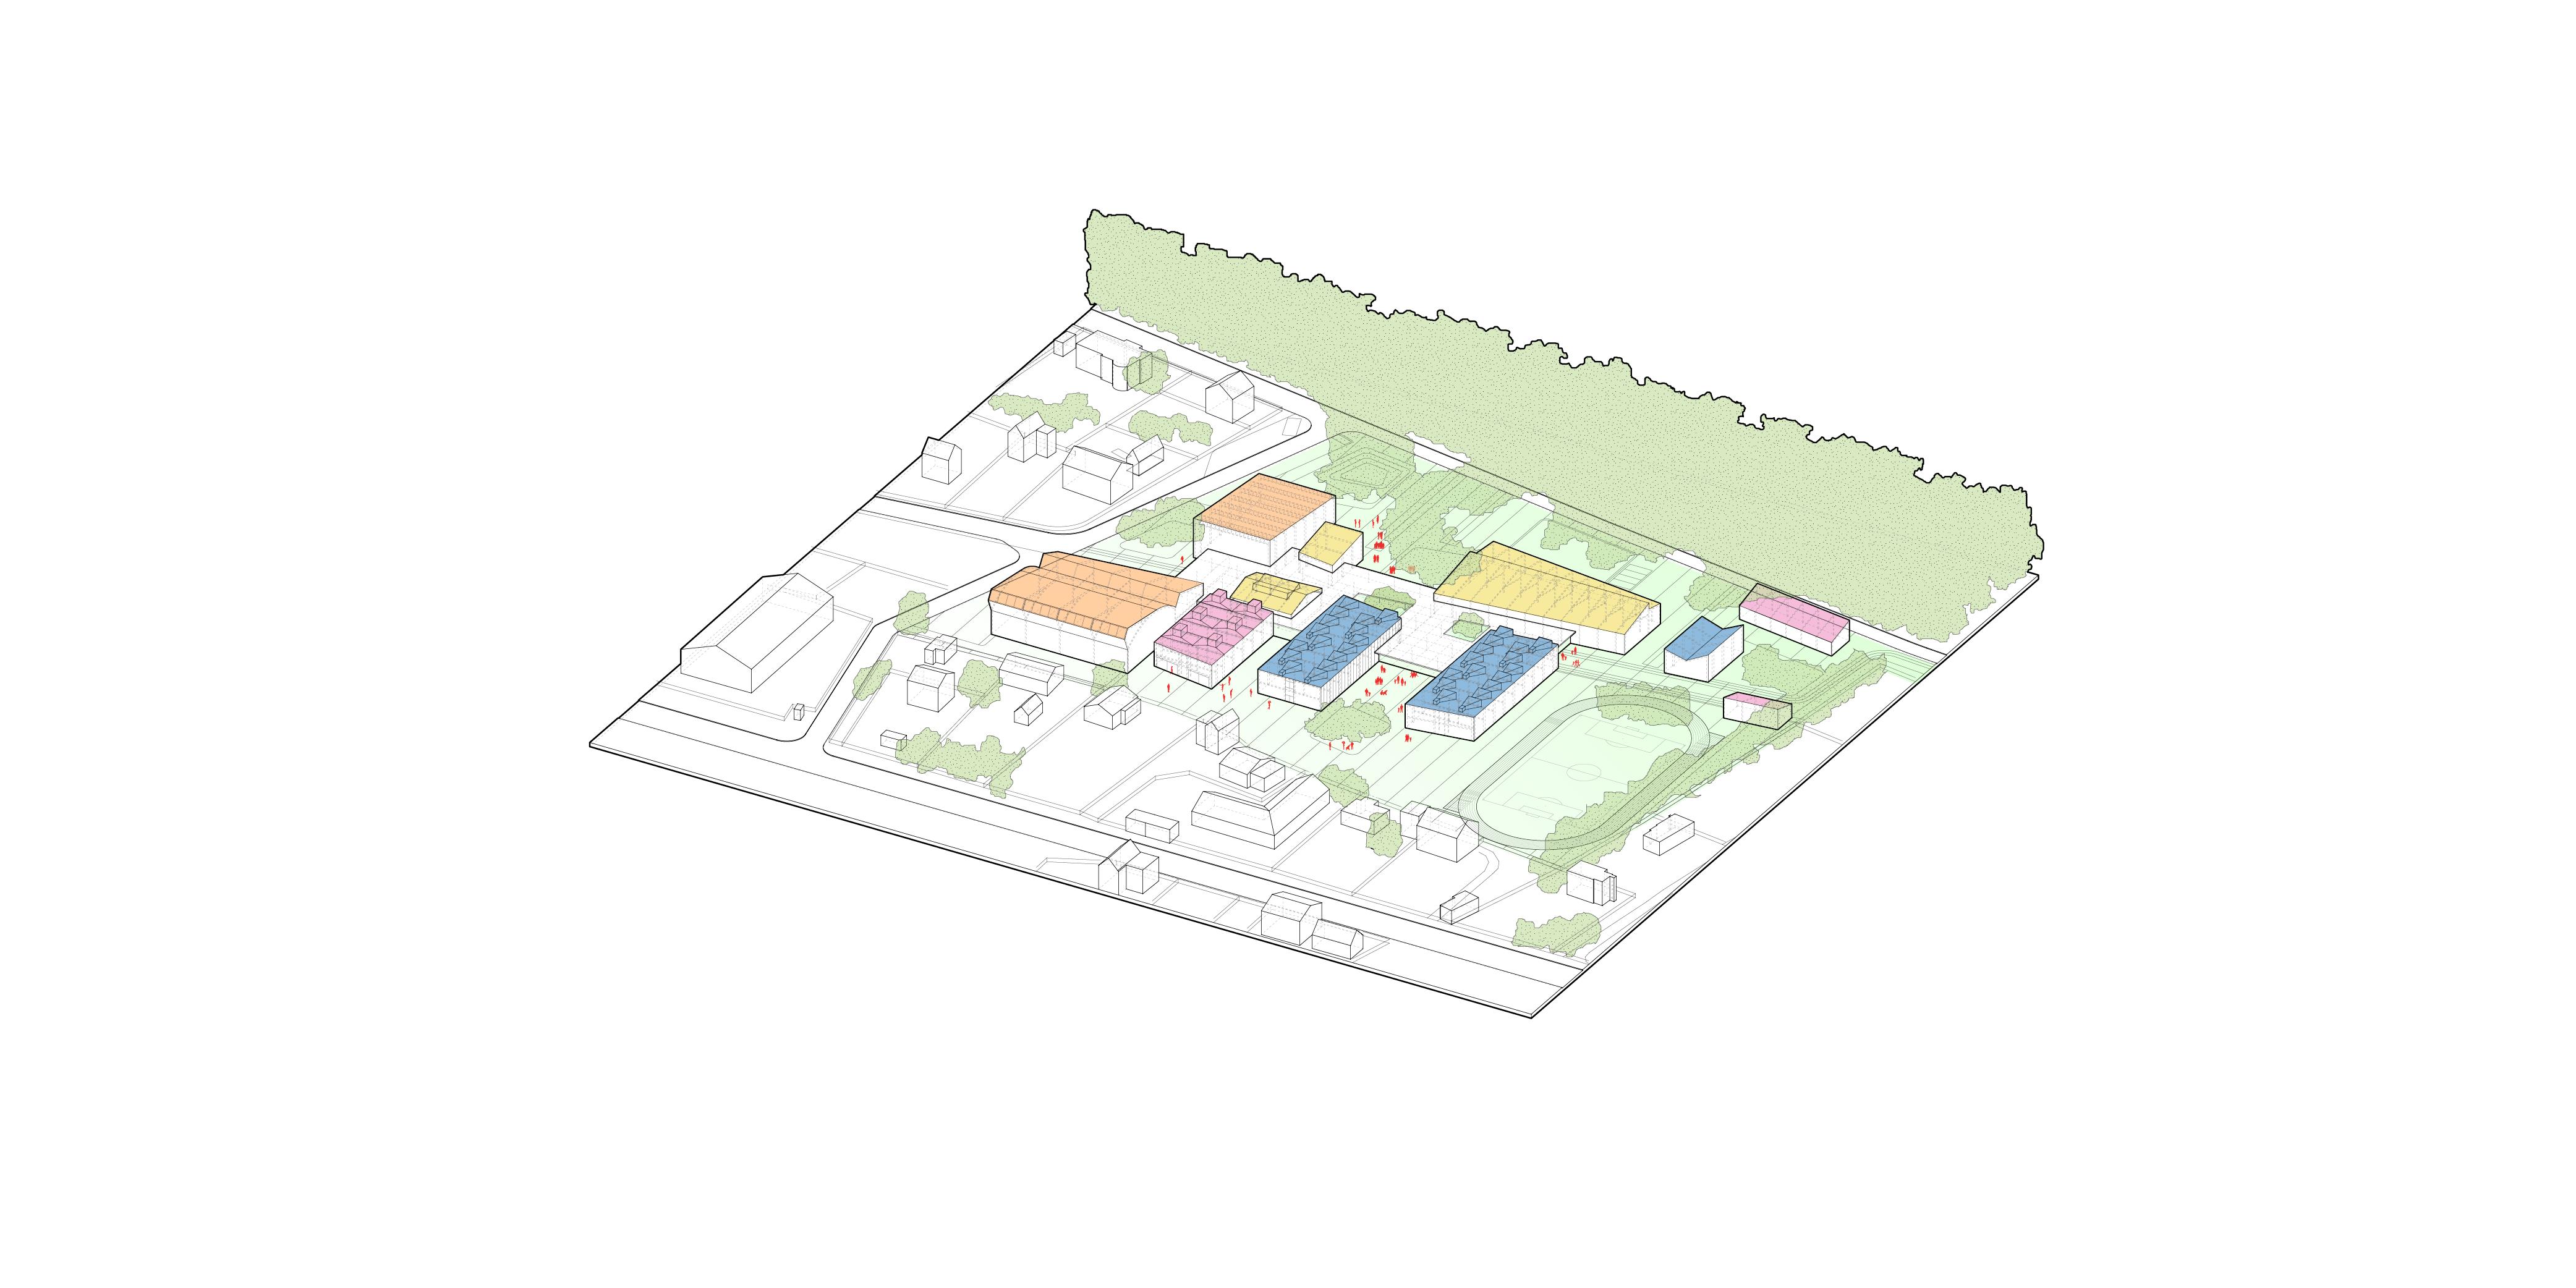 Volumetric diagram, Create roof top landscape